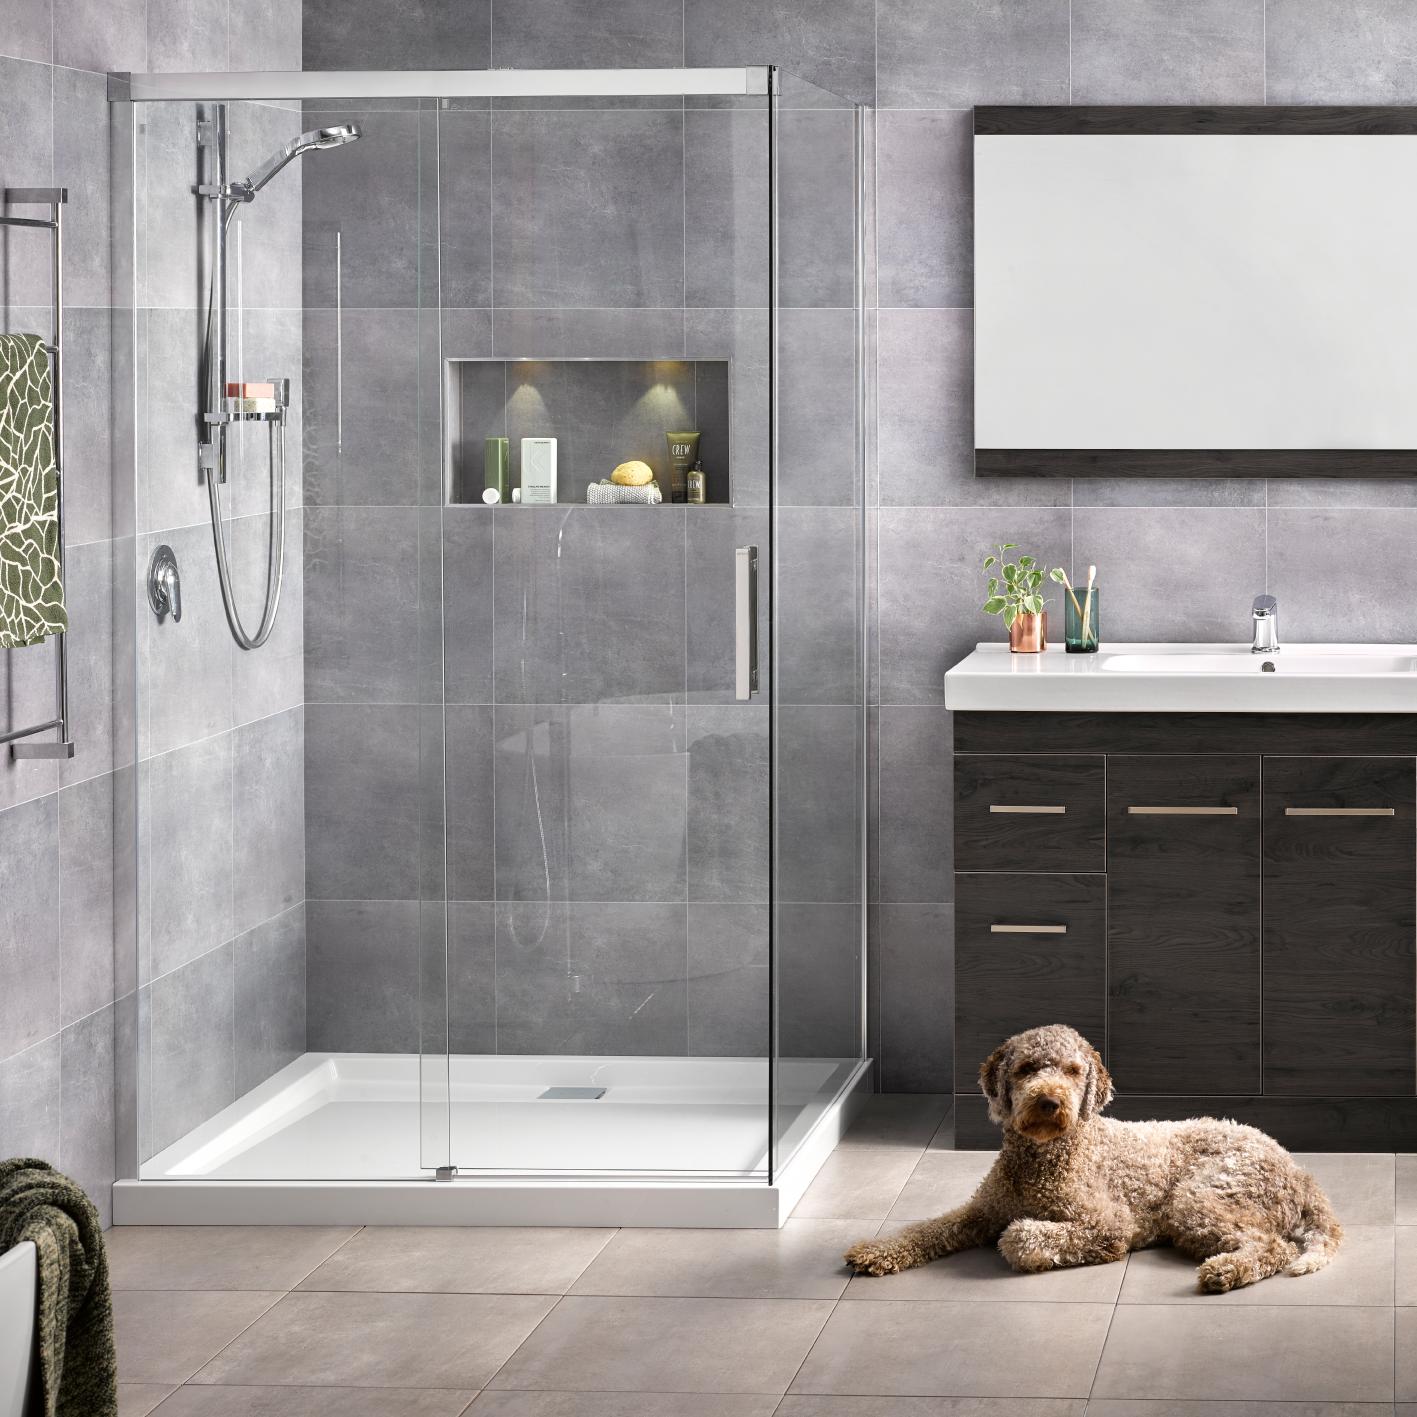 Ensuite Bathroom Design Nz designing your bathroom | athena bathrooms